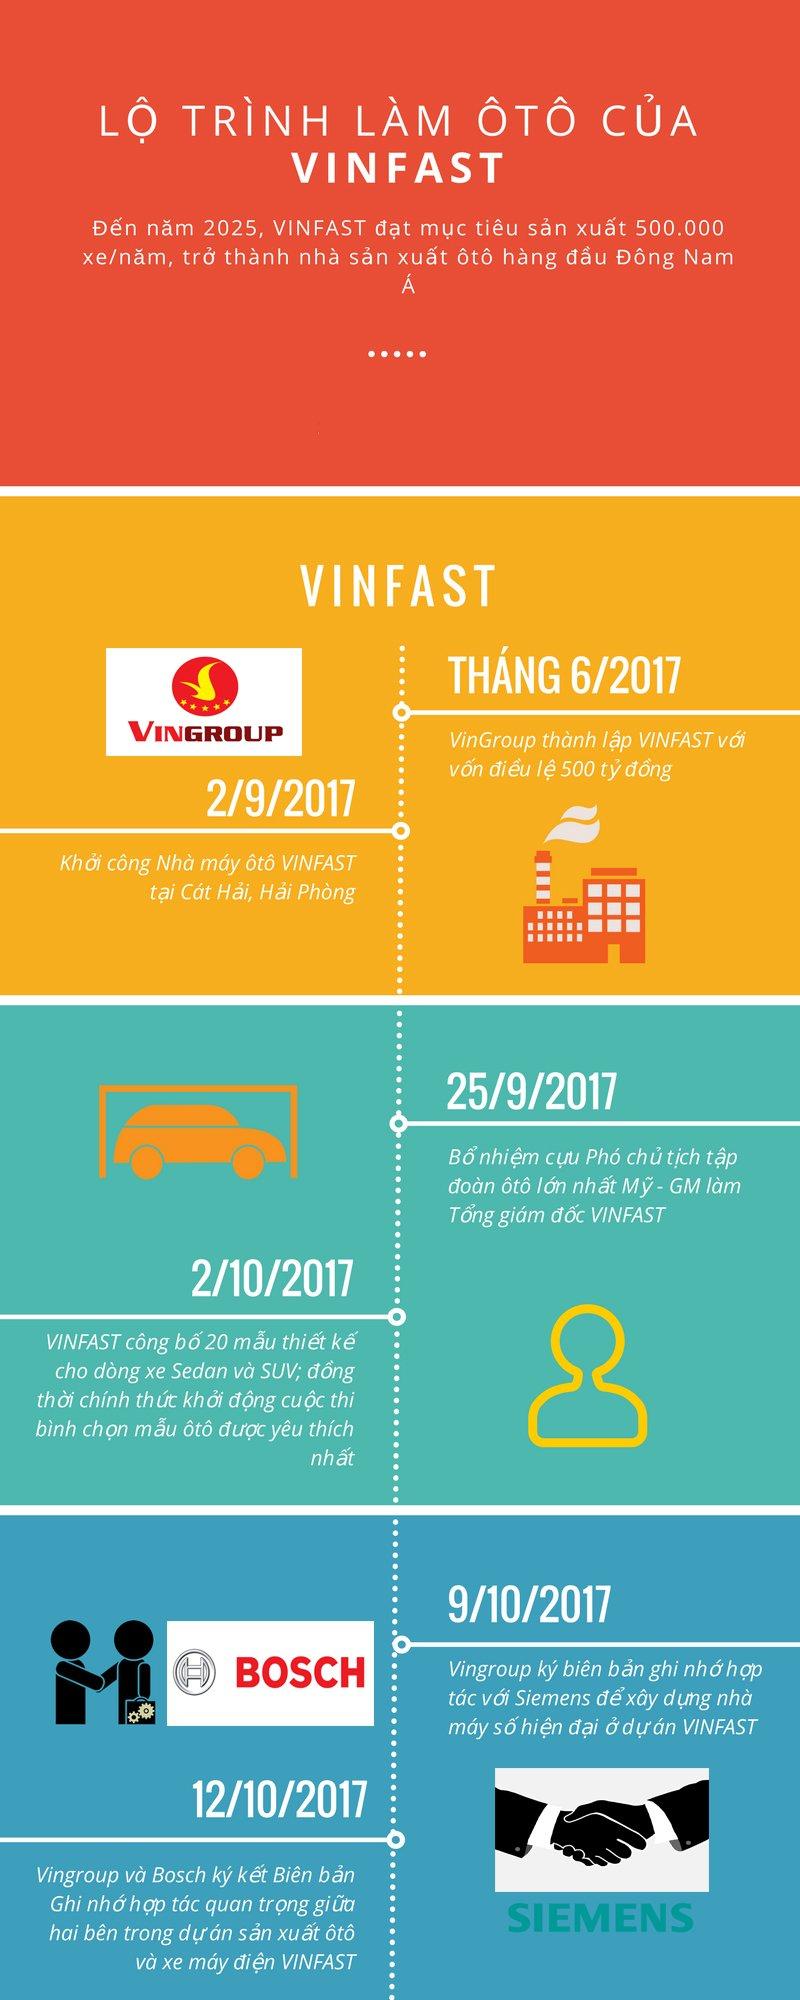 Theo dòng sự kiện của Vinfast: Những bước đi đầu tiên để tạo nên chiếc ô tô Việt.